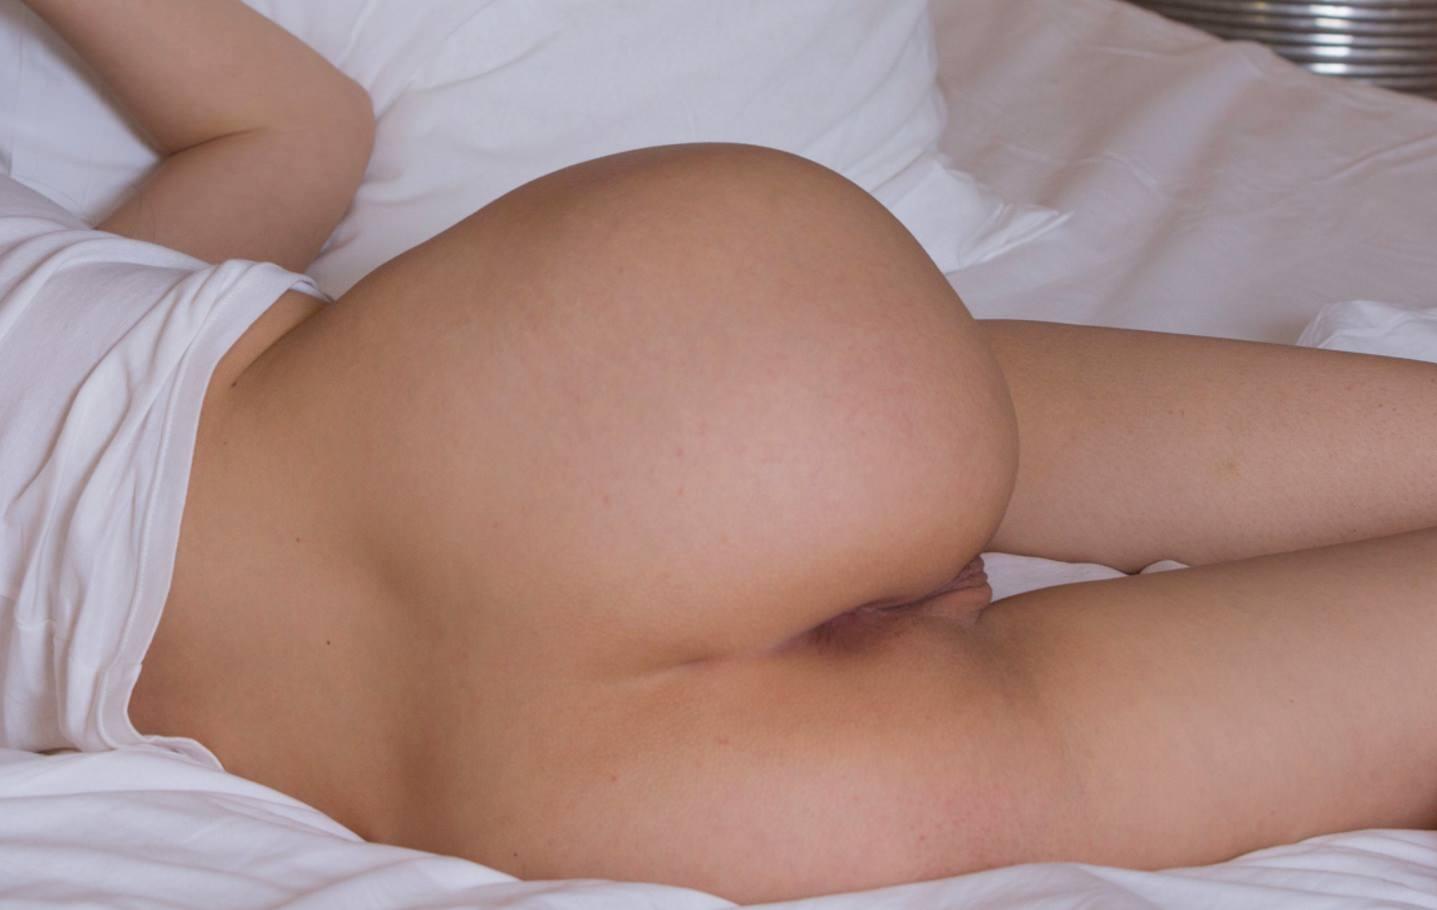 Фото Девушка в белой футболке спит без трусиков, желанная попа в постели, скачать картинку бесплатно